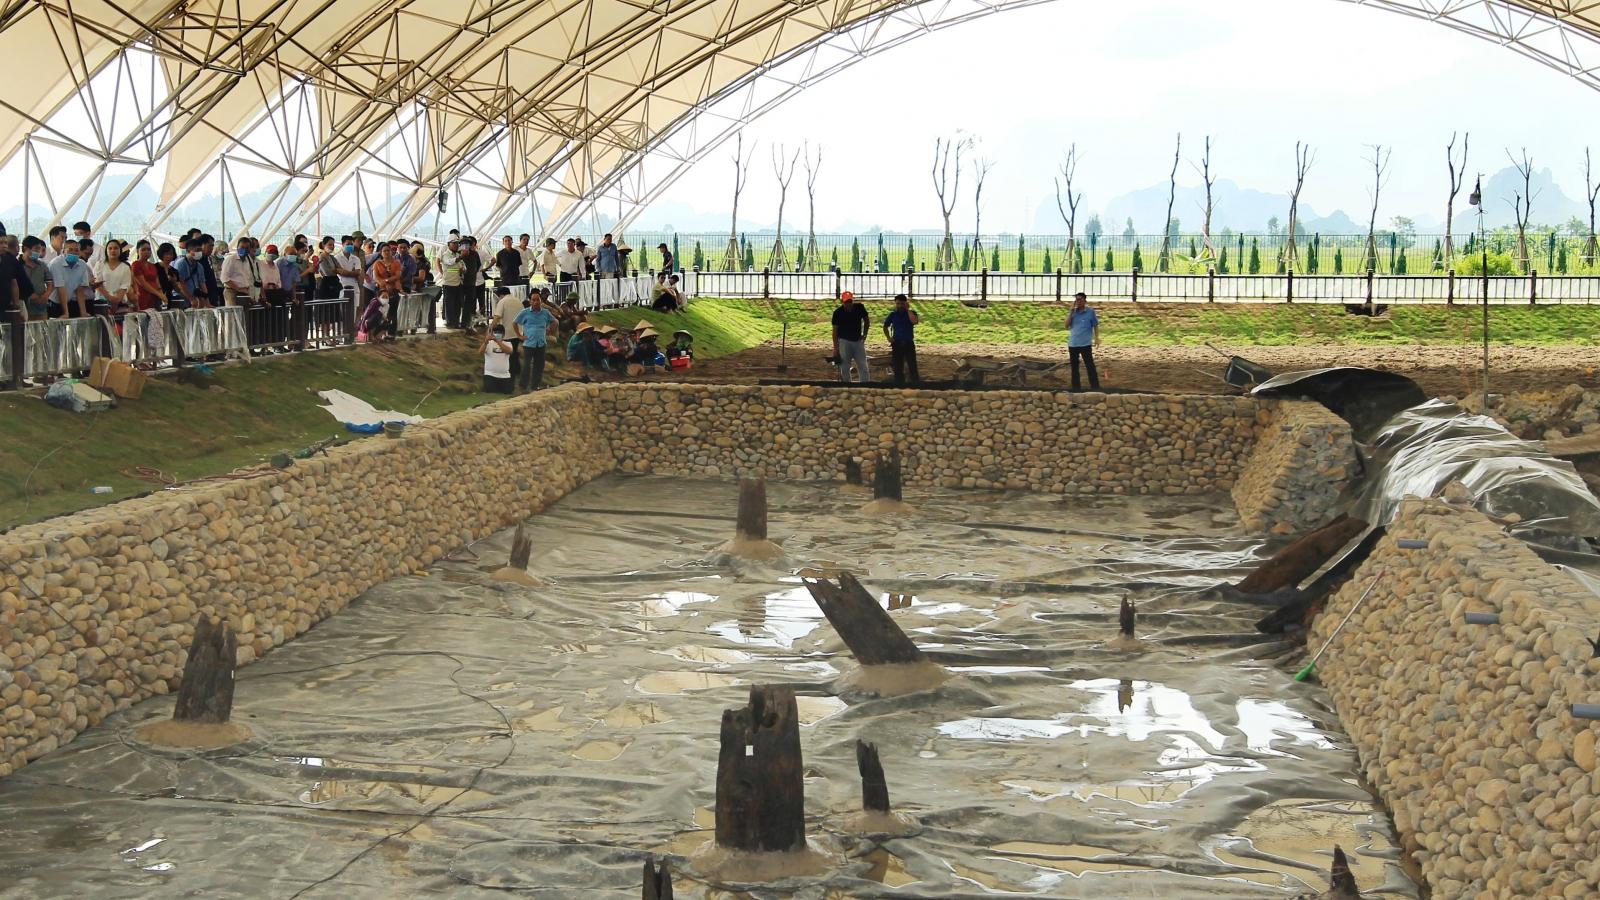 Bãi cọc cổ tại Hải Phòng: Cần thêm những nghiên cứu đa ngành, liên ngành